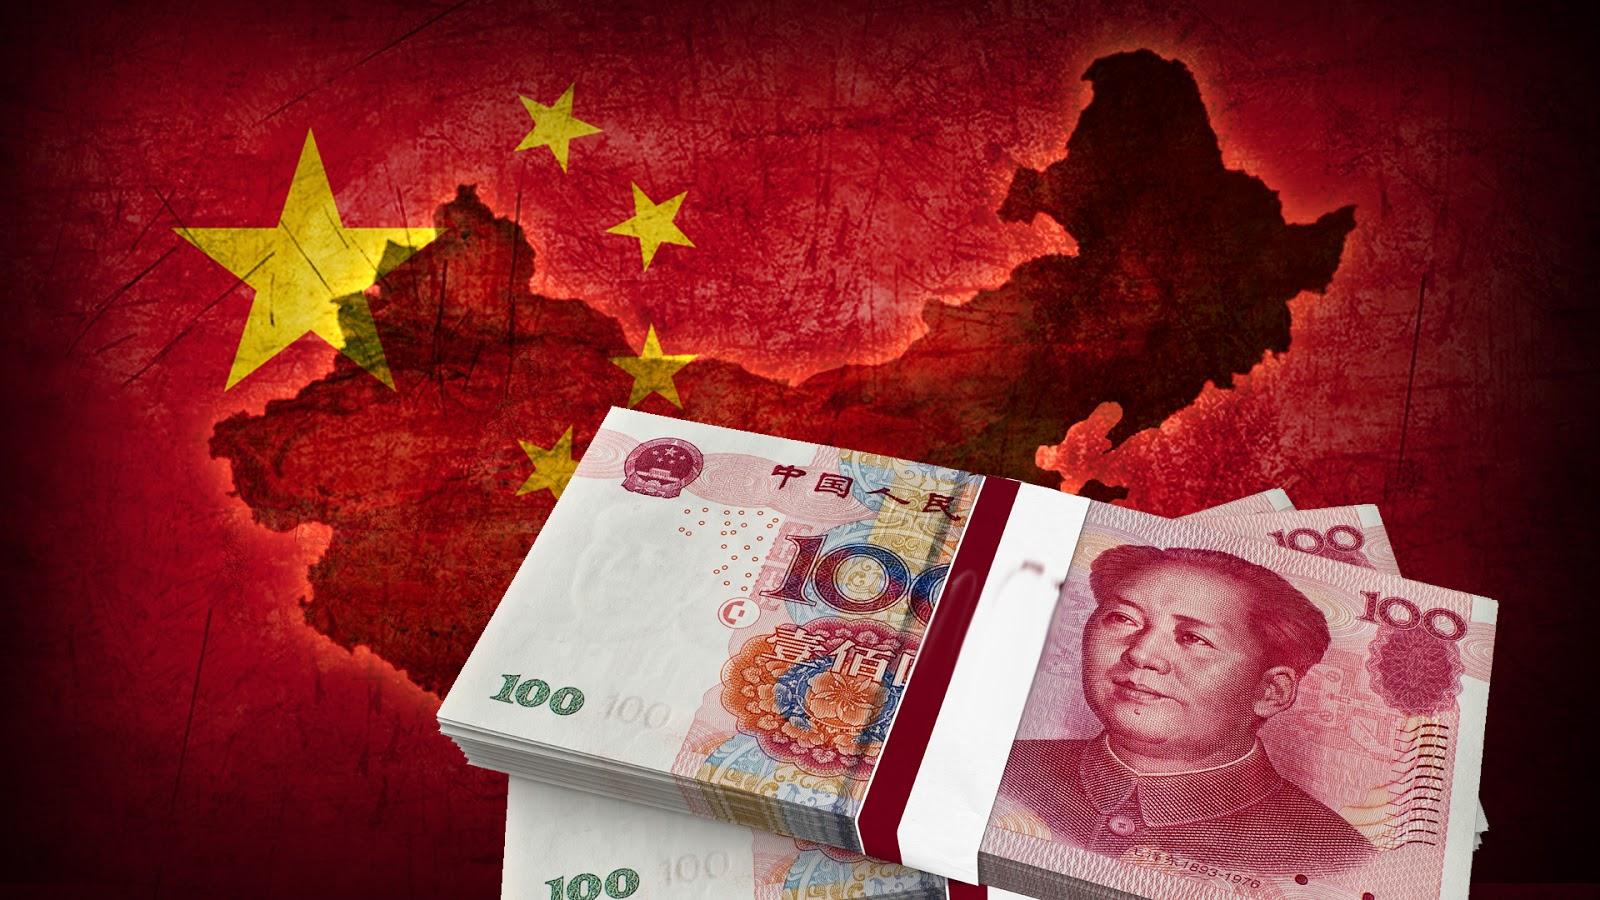 Ekonomi Cina (pbs.org)